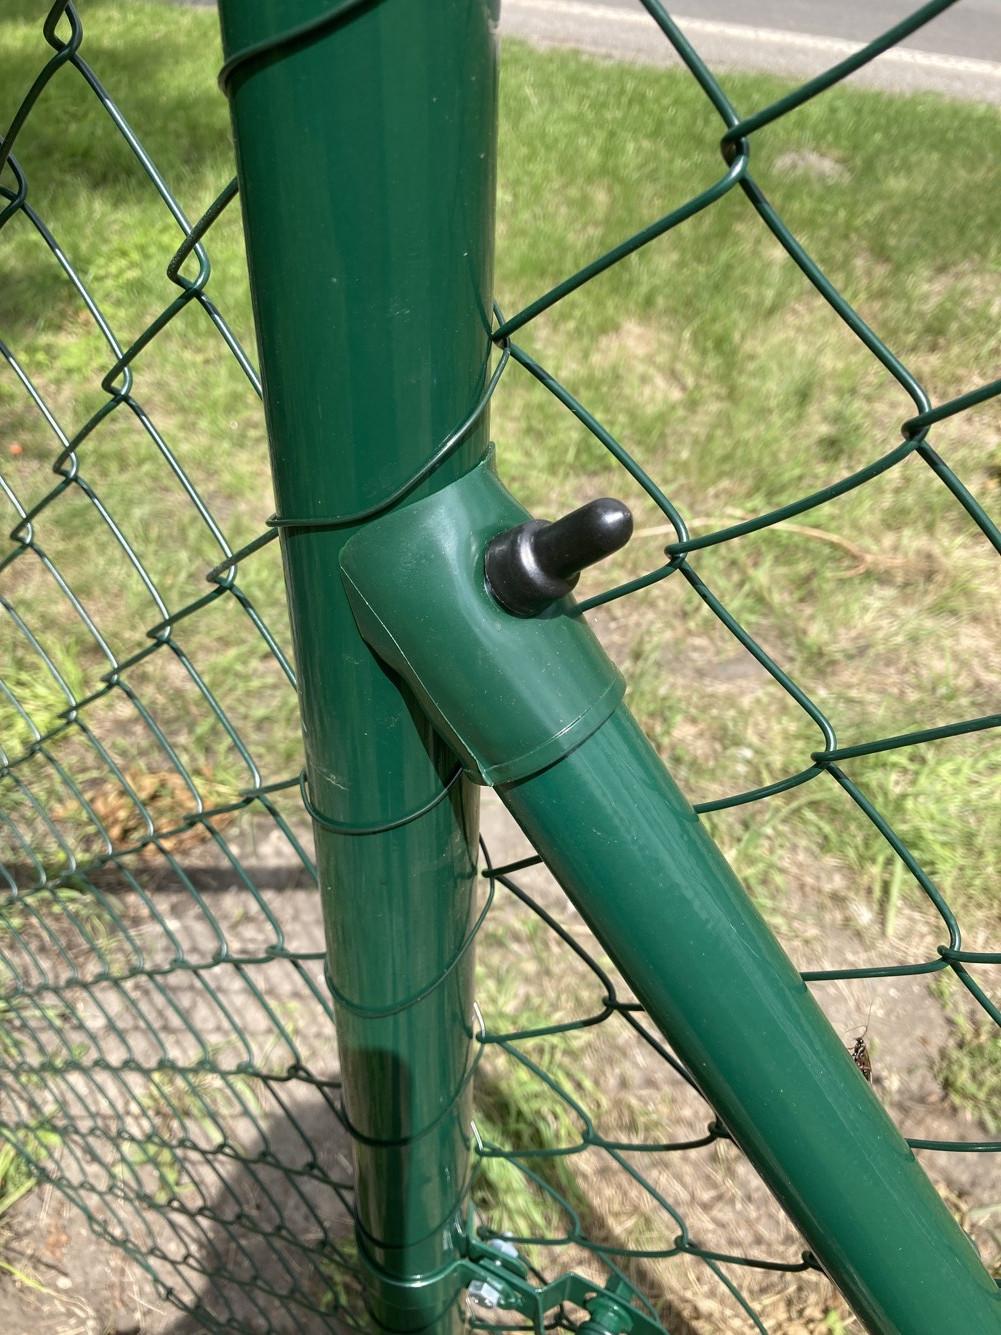 Vzpěra poplastovaná - Zn+PVC, výška 270 cm, 38 mm průměr